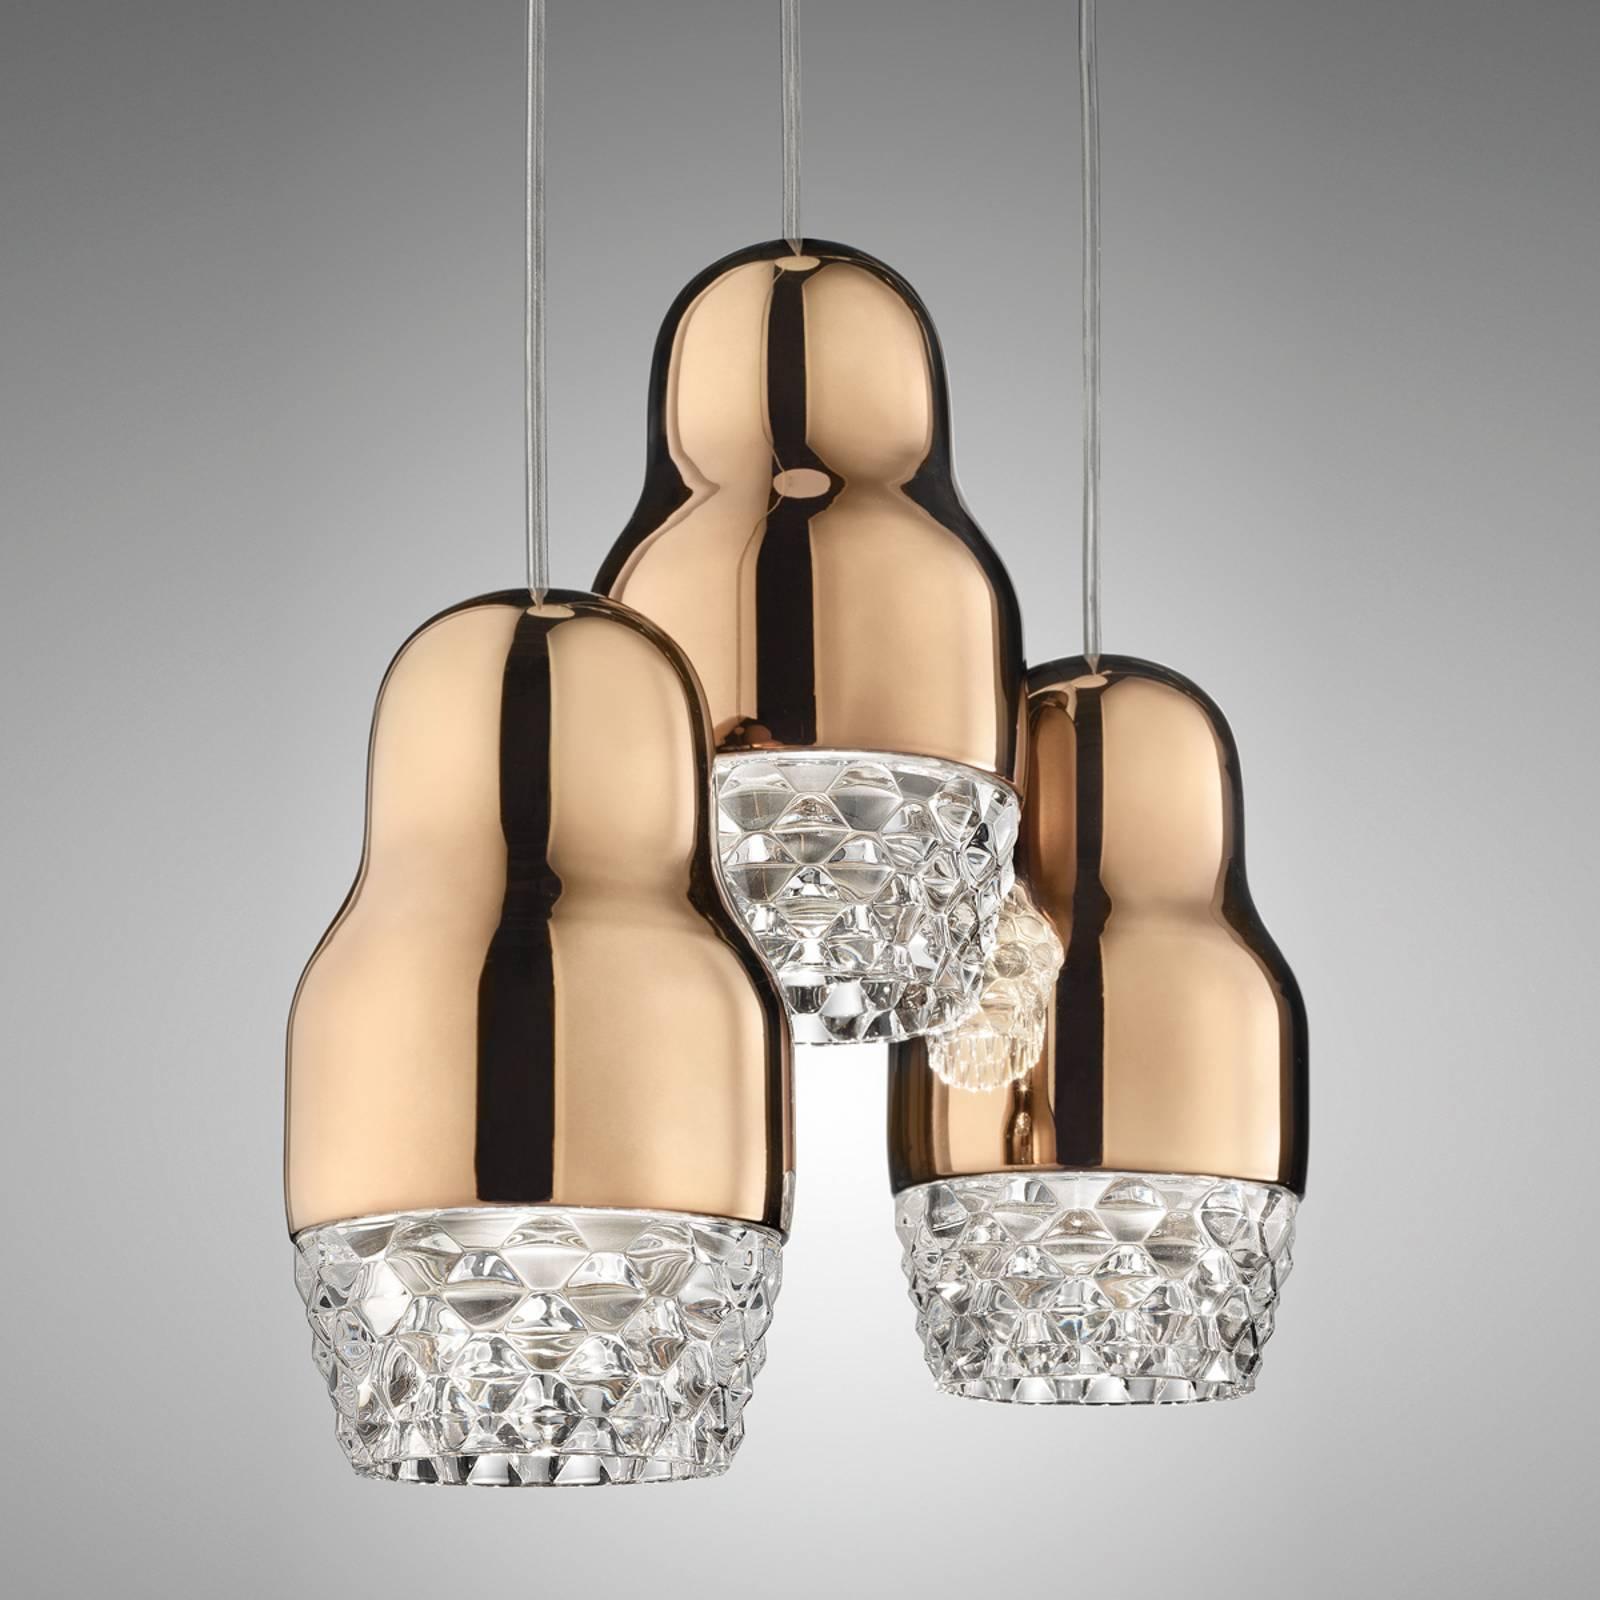 Suspension LED à 3 lampes Fedora rose doré